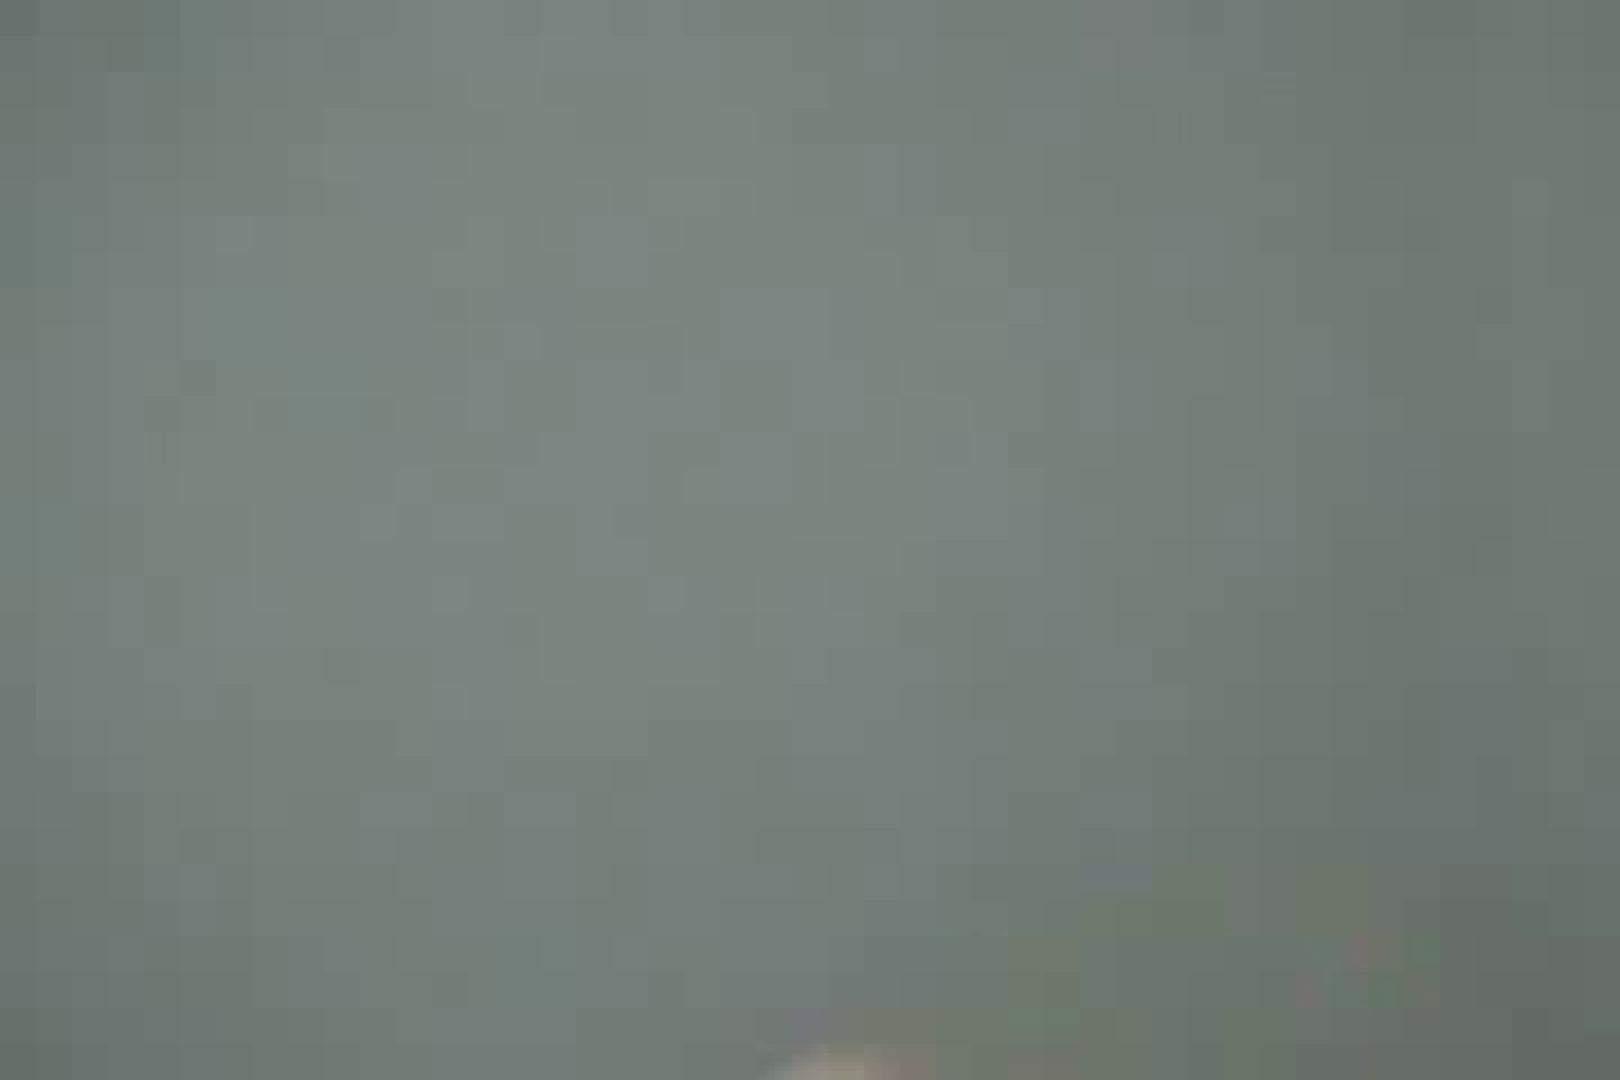 ガチ投稿!素人さんのセンズリ&射精vol4 素人盗撮 ゲイ丸見え画像 111枚 40